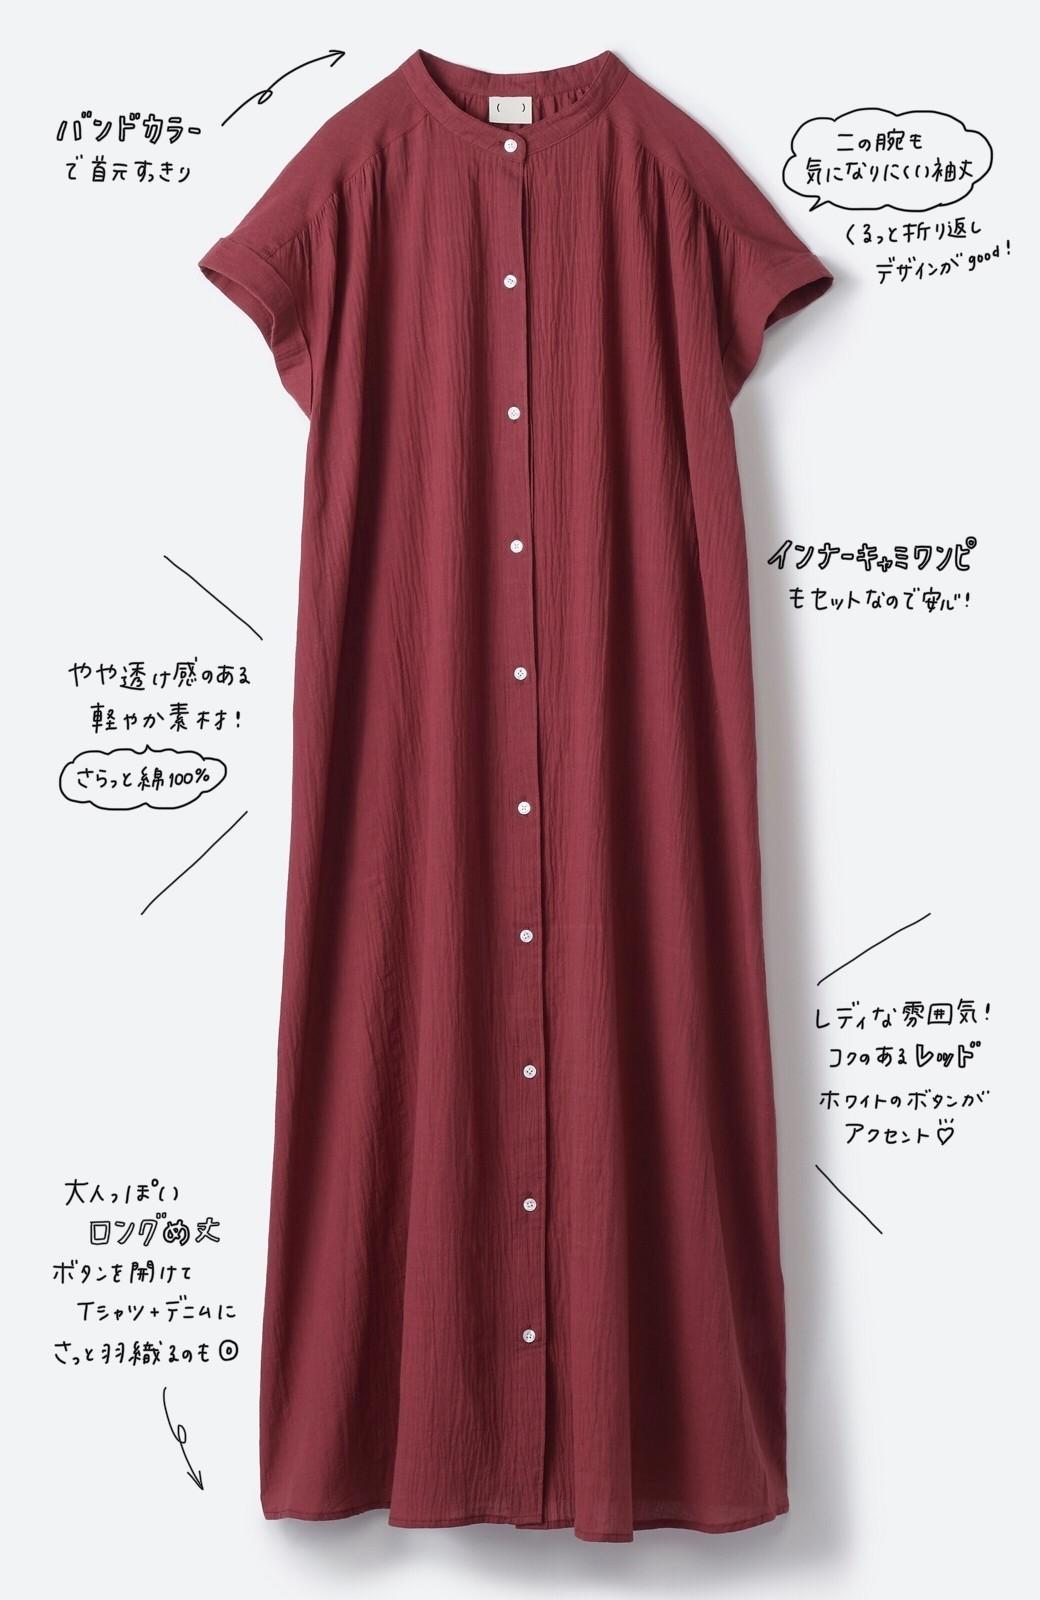 haco! バレずにとことん楽できる 羽織りとしても使える軽やかシャツワンピース <レッド>の商品写真2